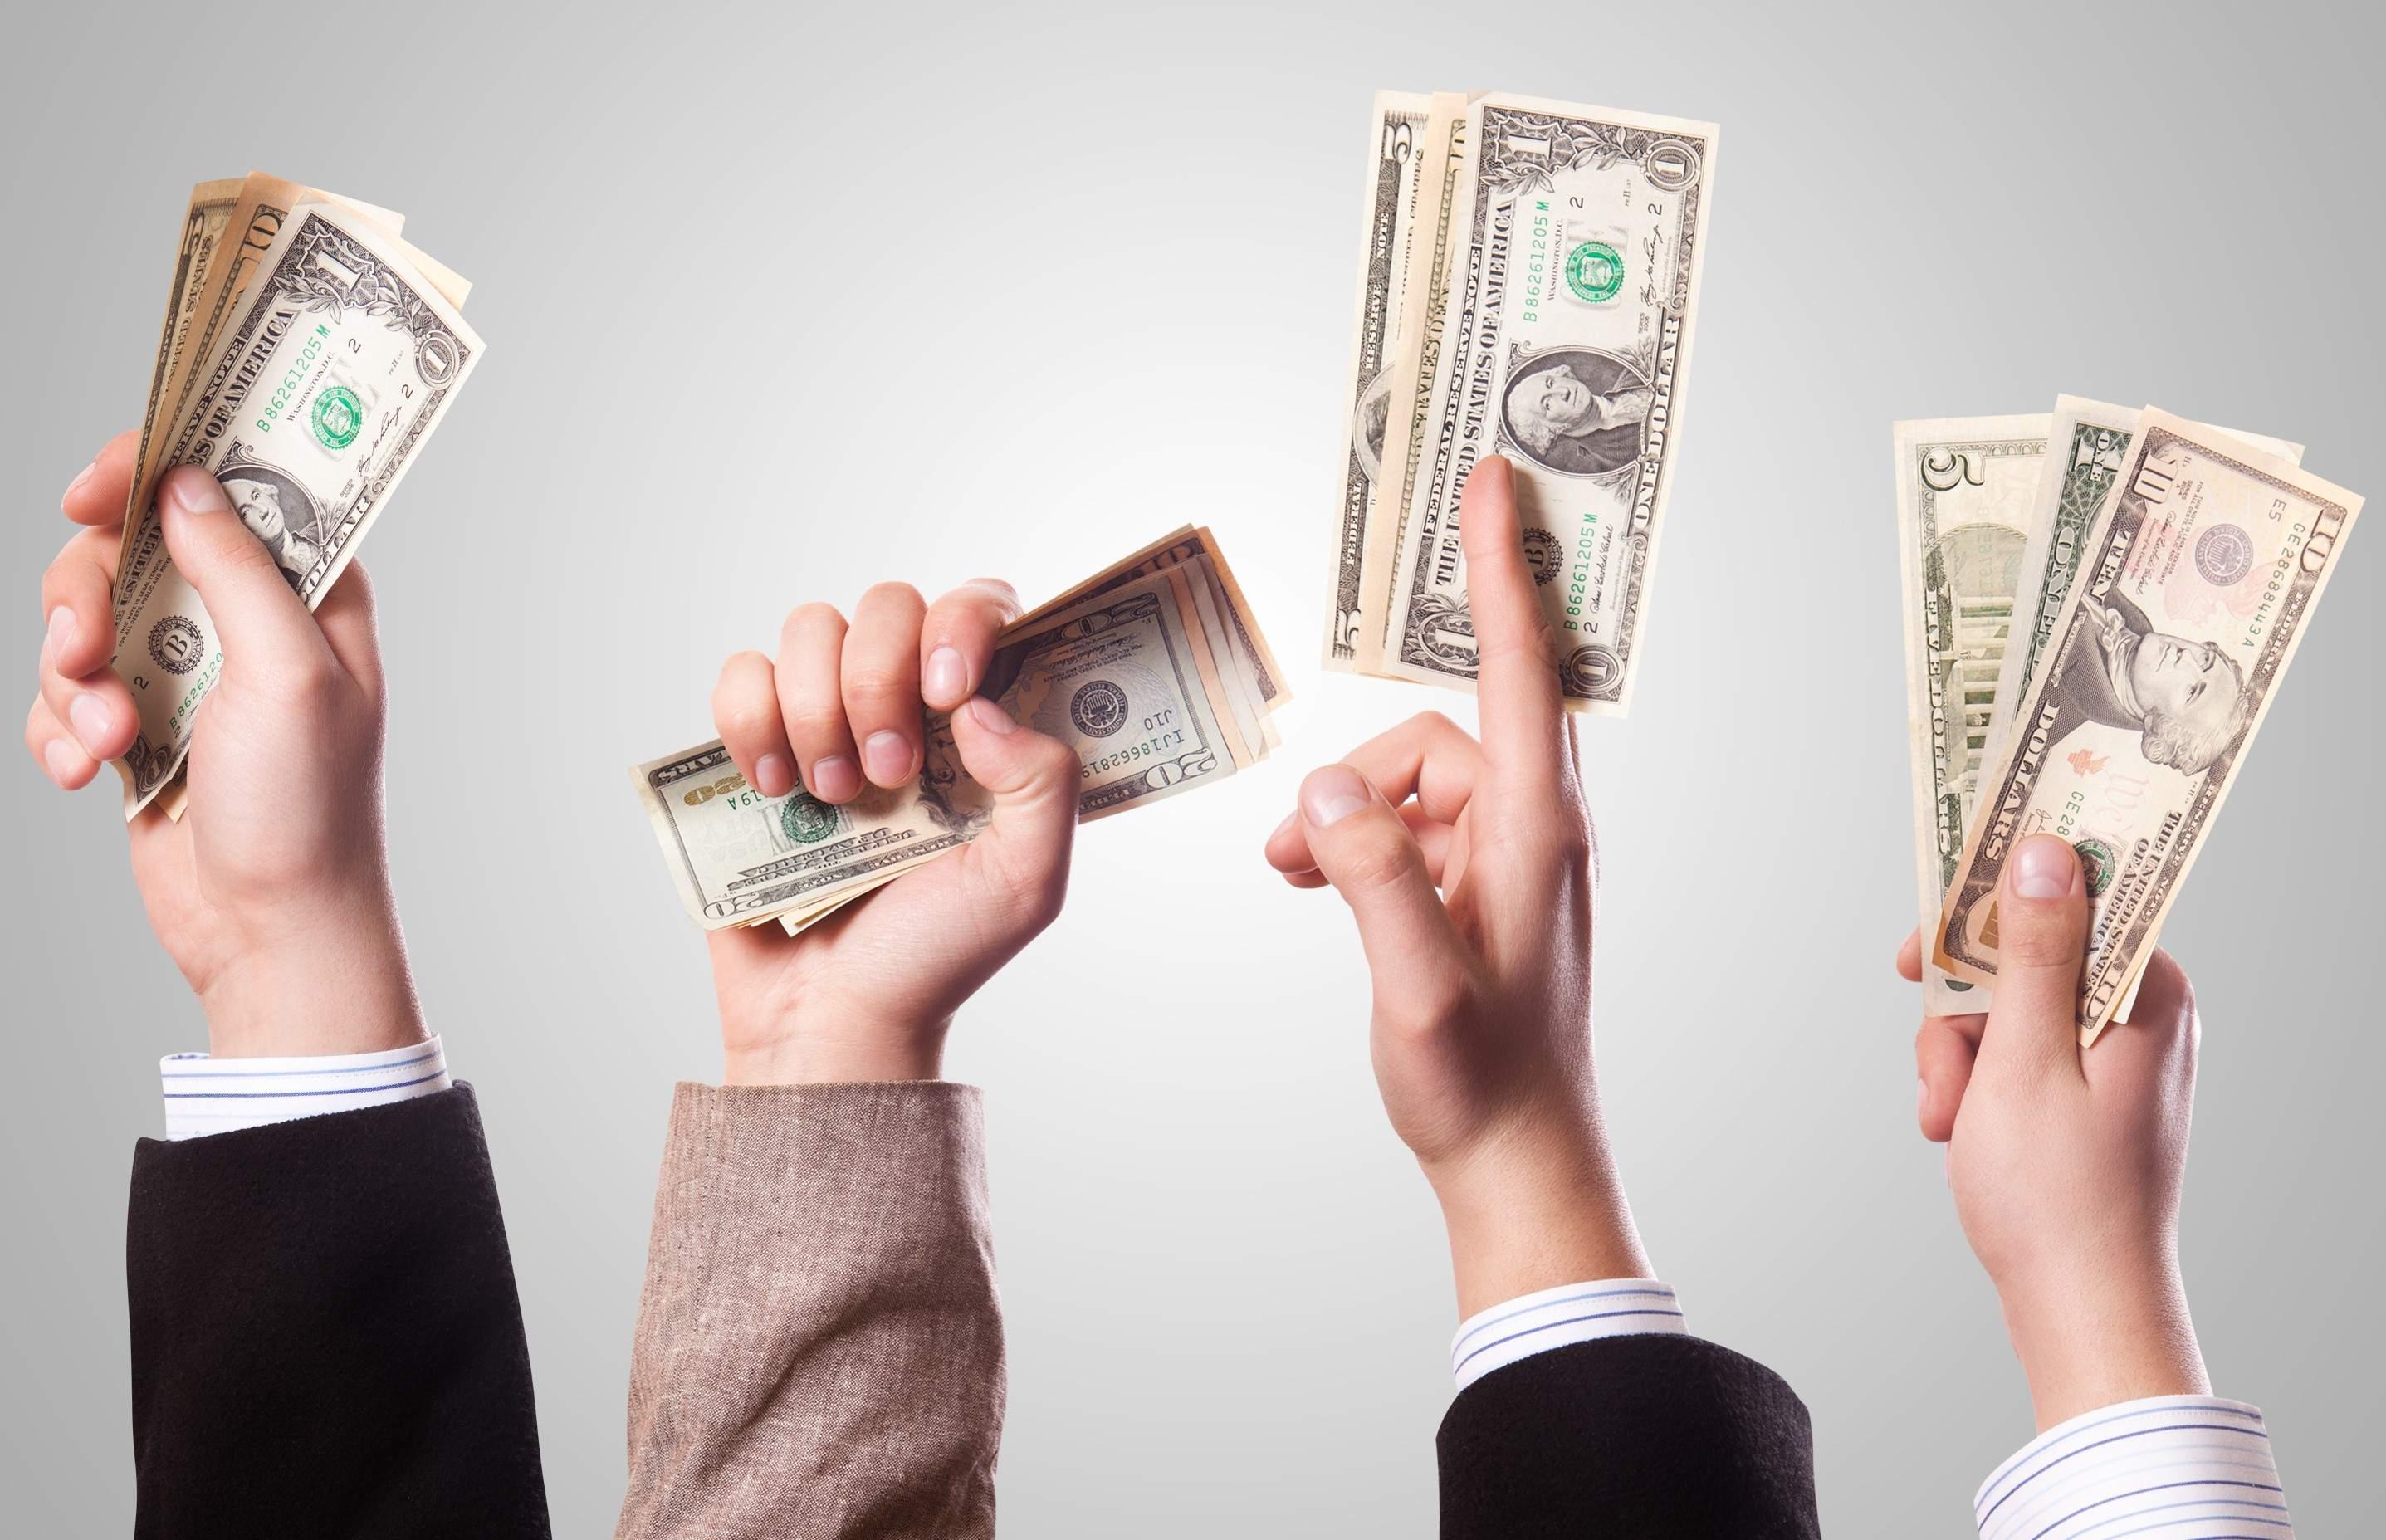 股票知识-私募耗时十余年研究的选股方法揭秘!